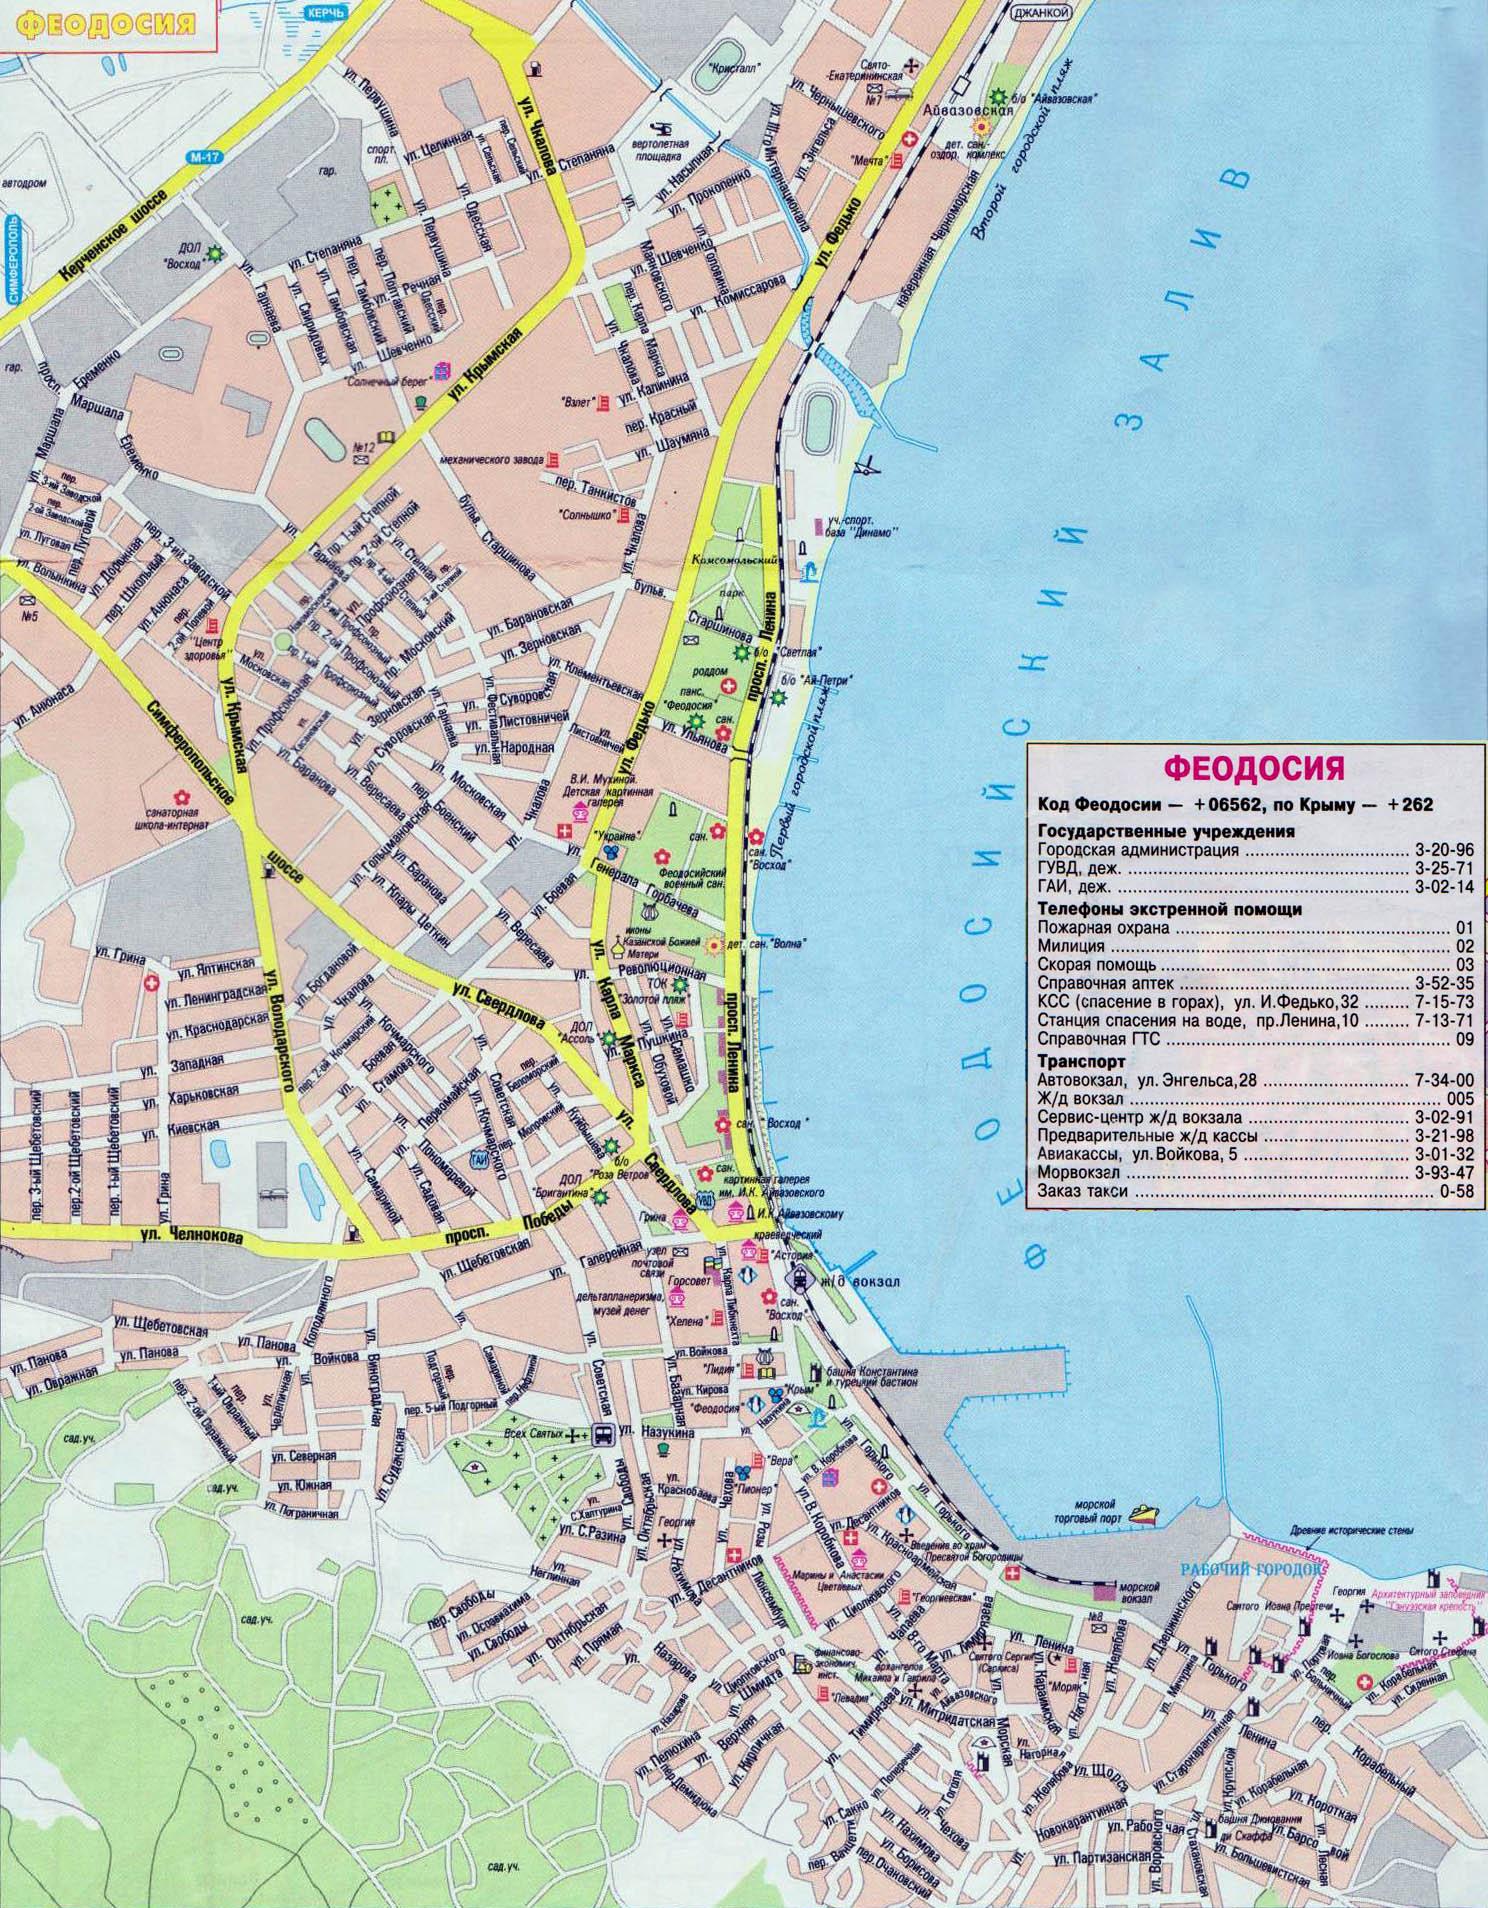 Феодосия подробная карта.